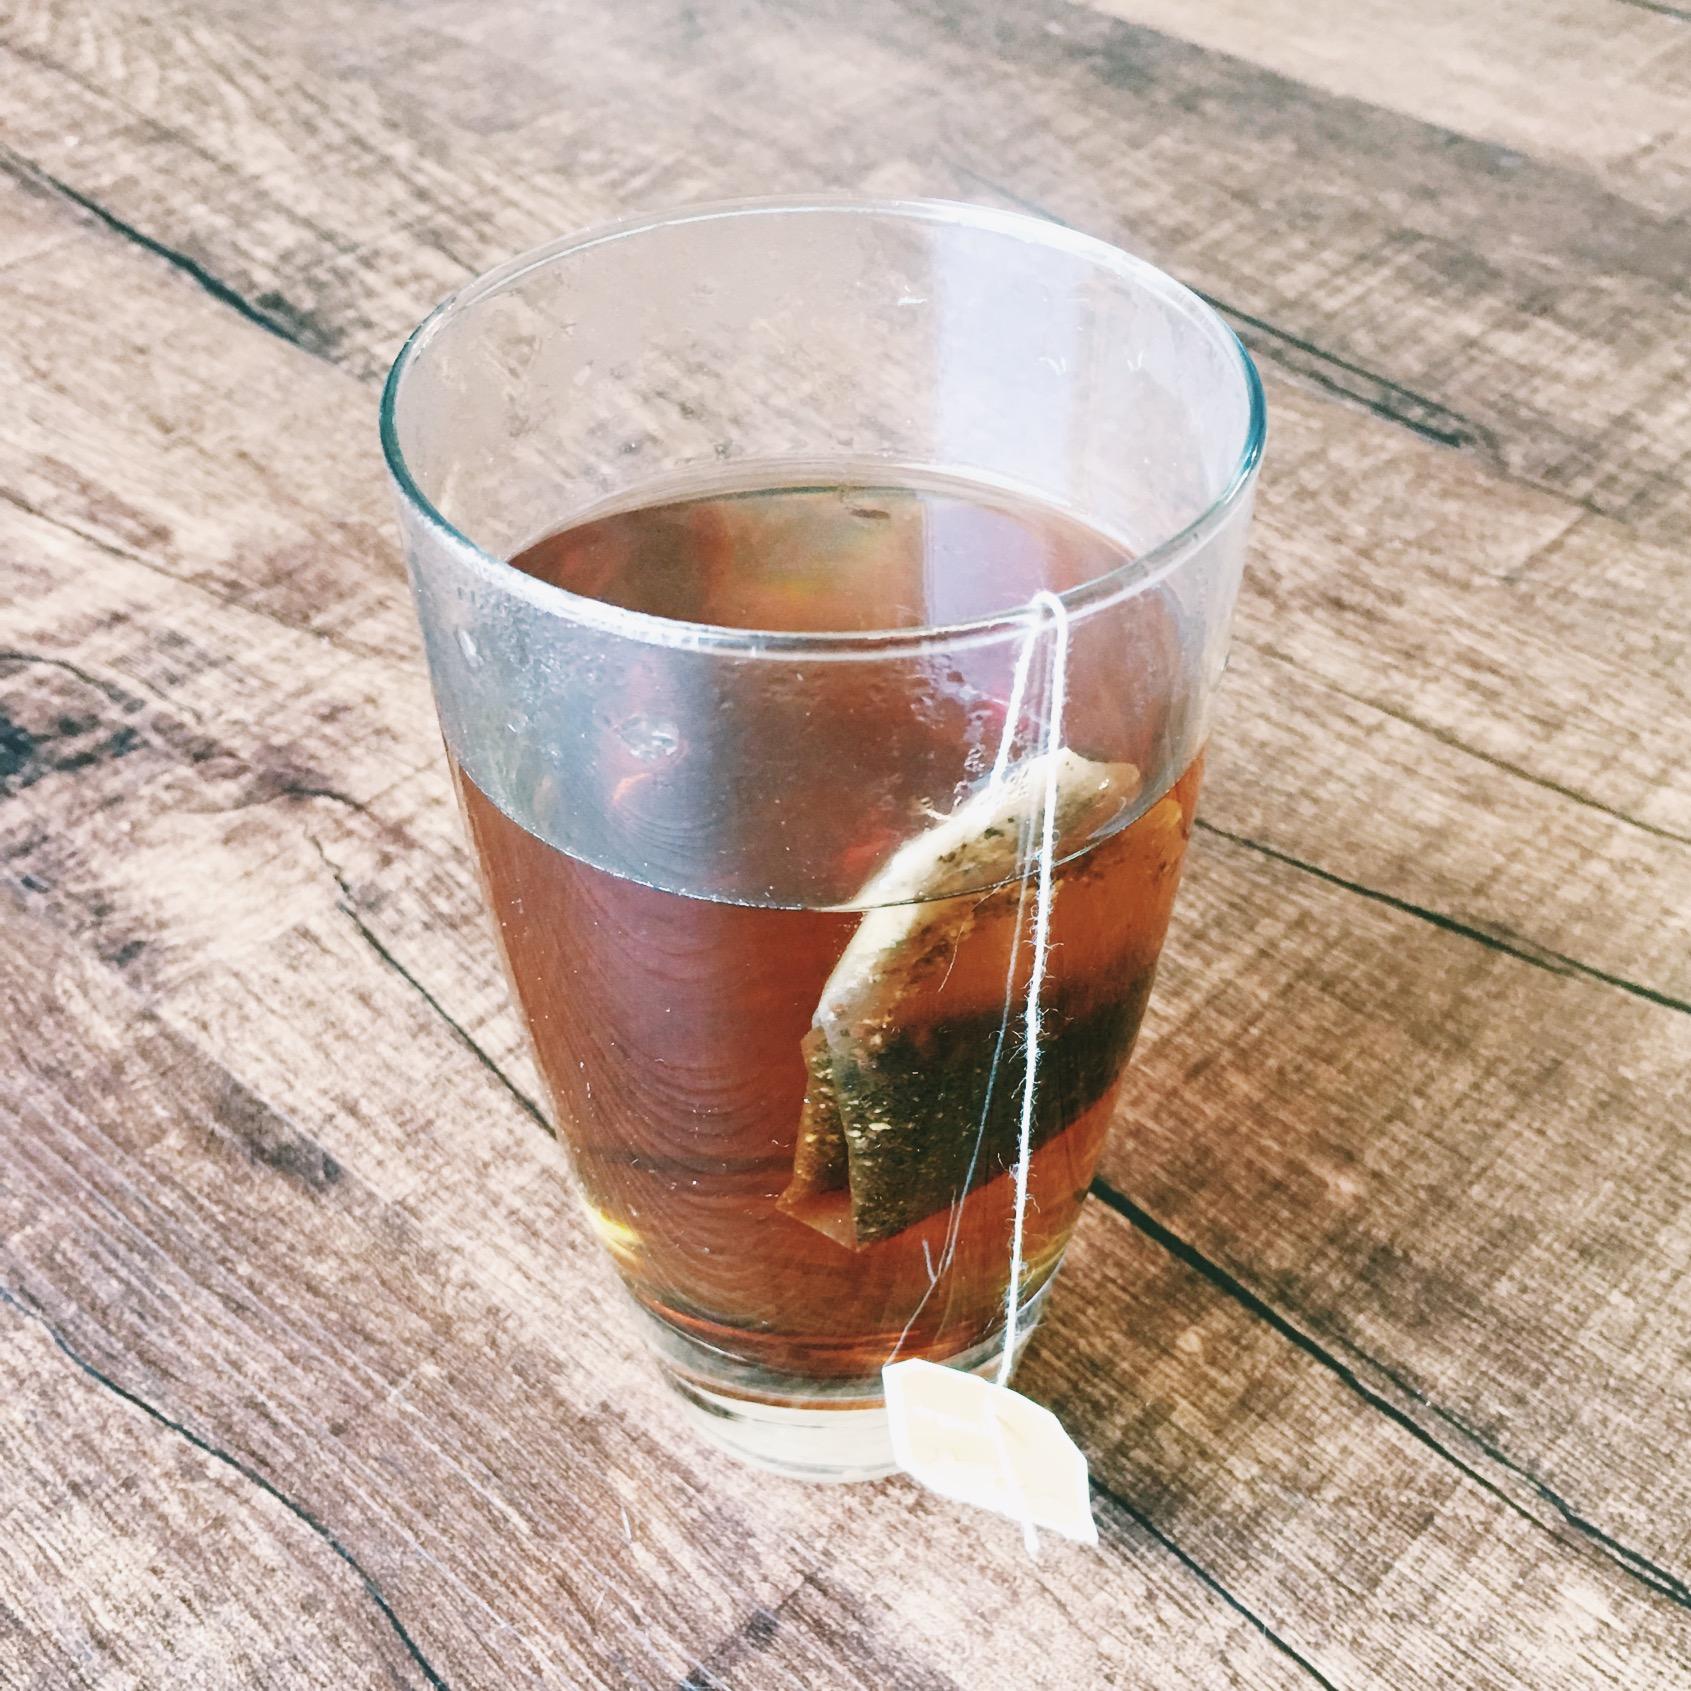 Organic teas helped curve cravings.